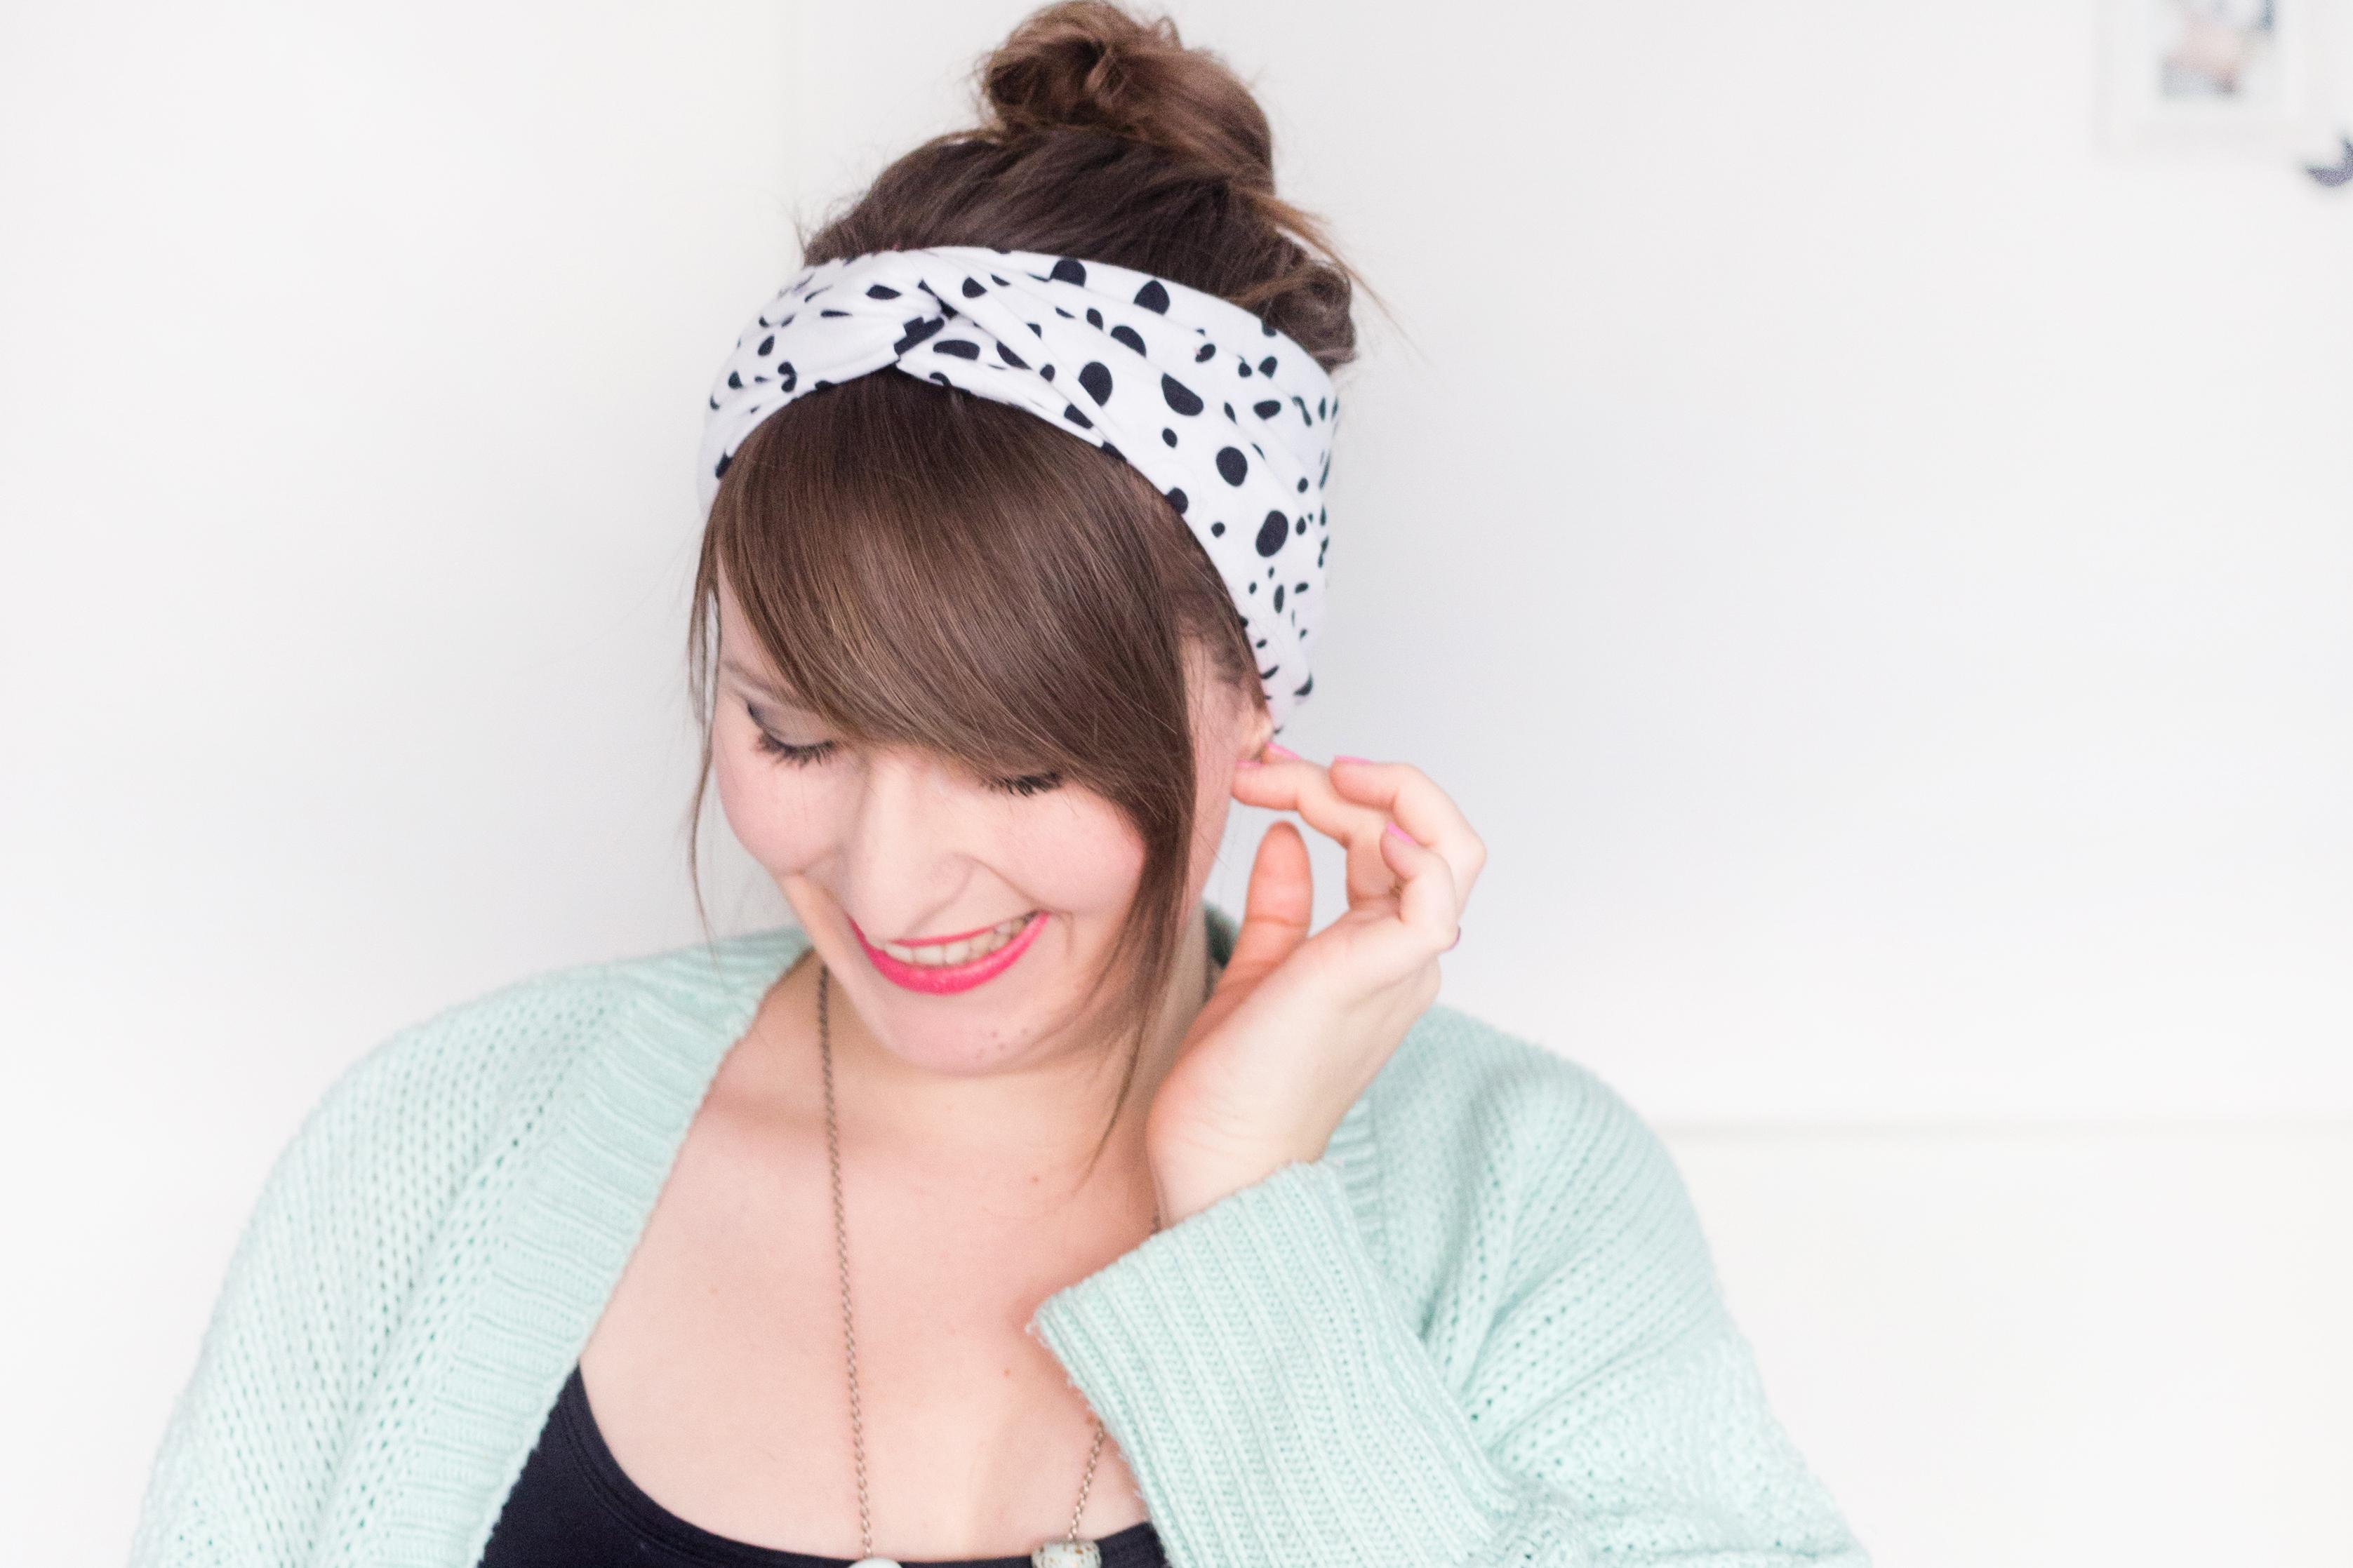 Kreative DIY-Idee zum Selbermachen: Einfaches Turban-Stirnband nähen - aus Jersey oder Sommersweat ganz einfach selbst genäht mit Step-by-Step-Anleitung